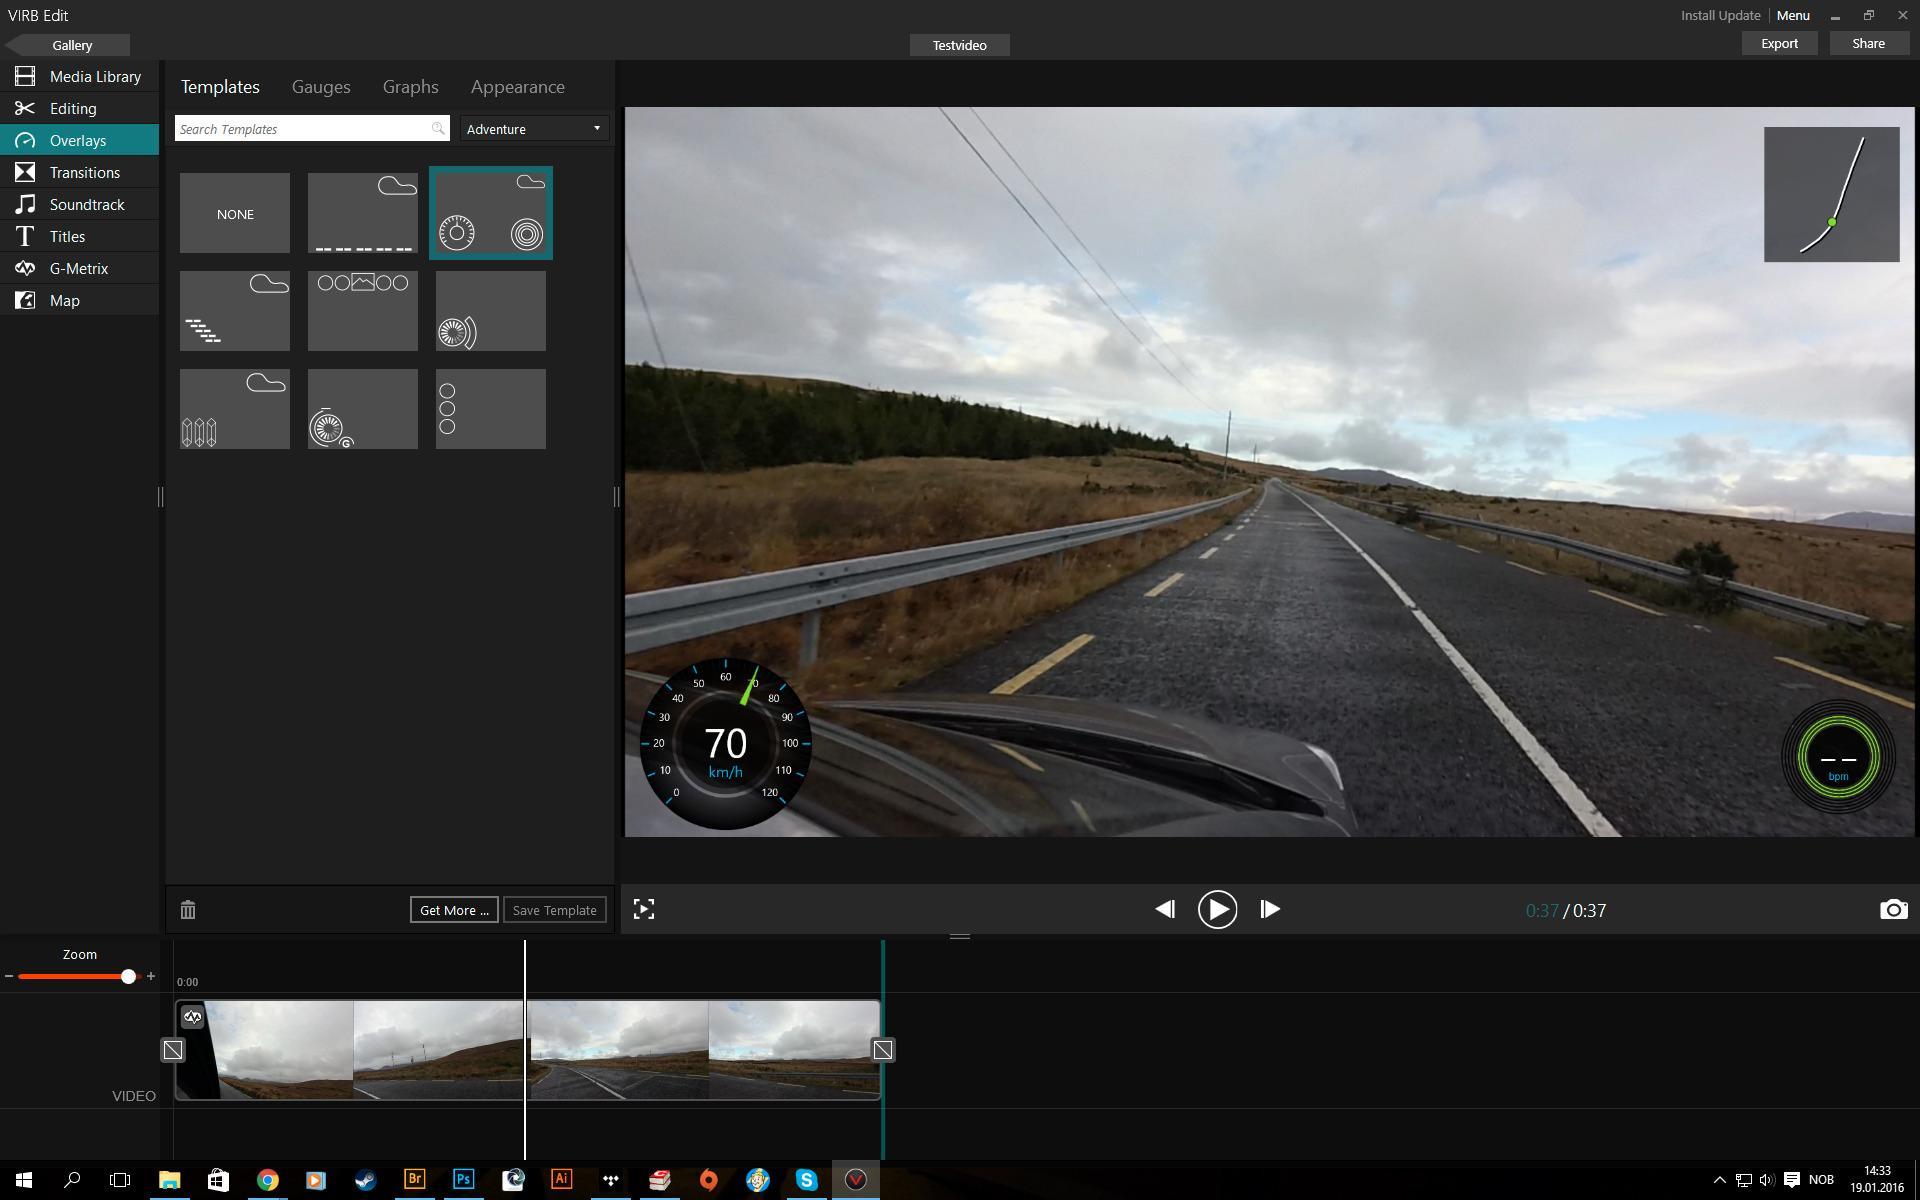 Det er enkelt å legge på for eksempel fartsdata med redigeringsprogrammet.